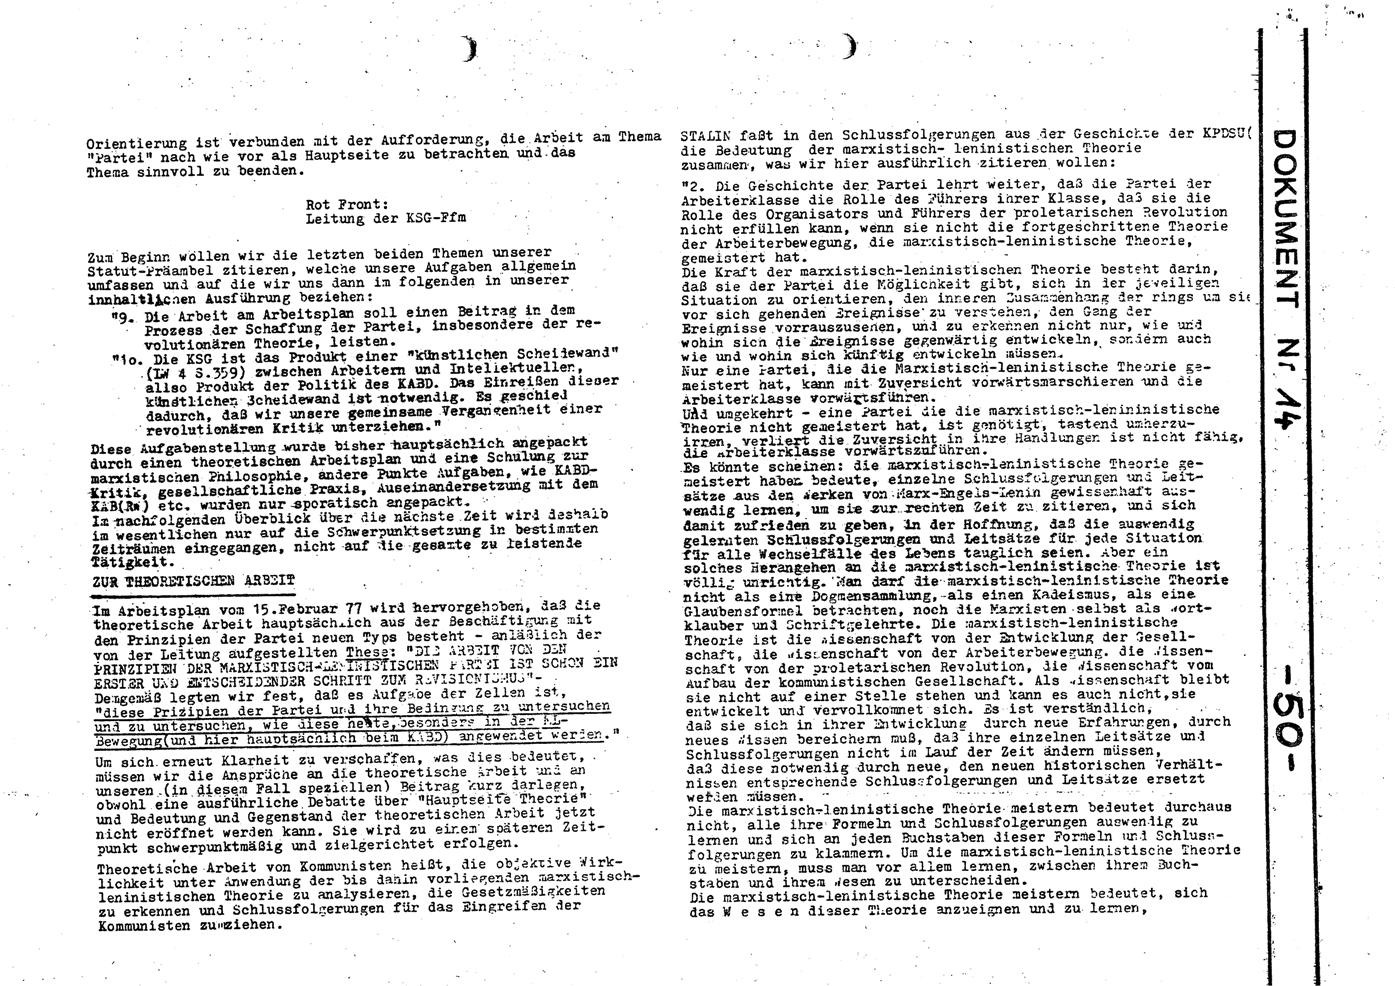 KABRW_Arbeitshefte_1977_24_050